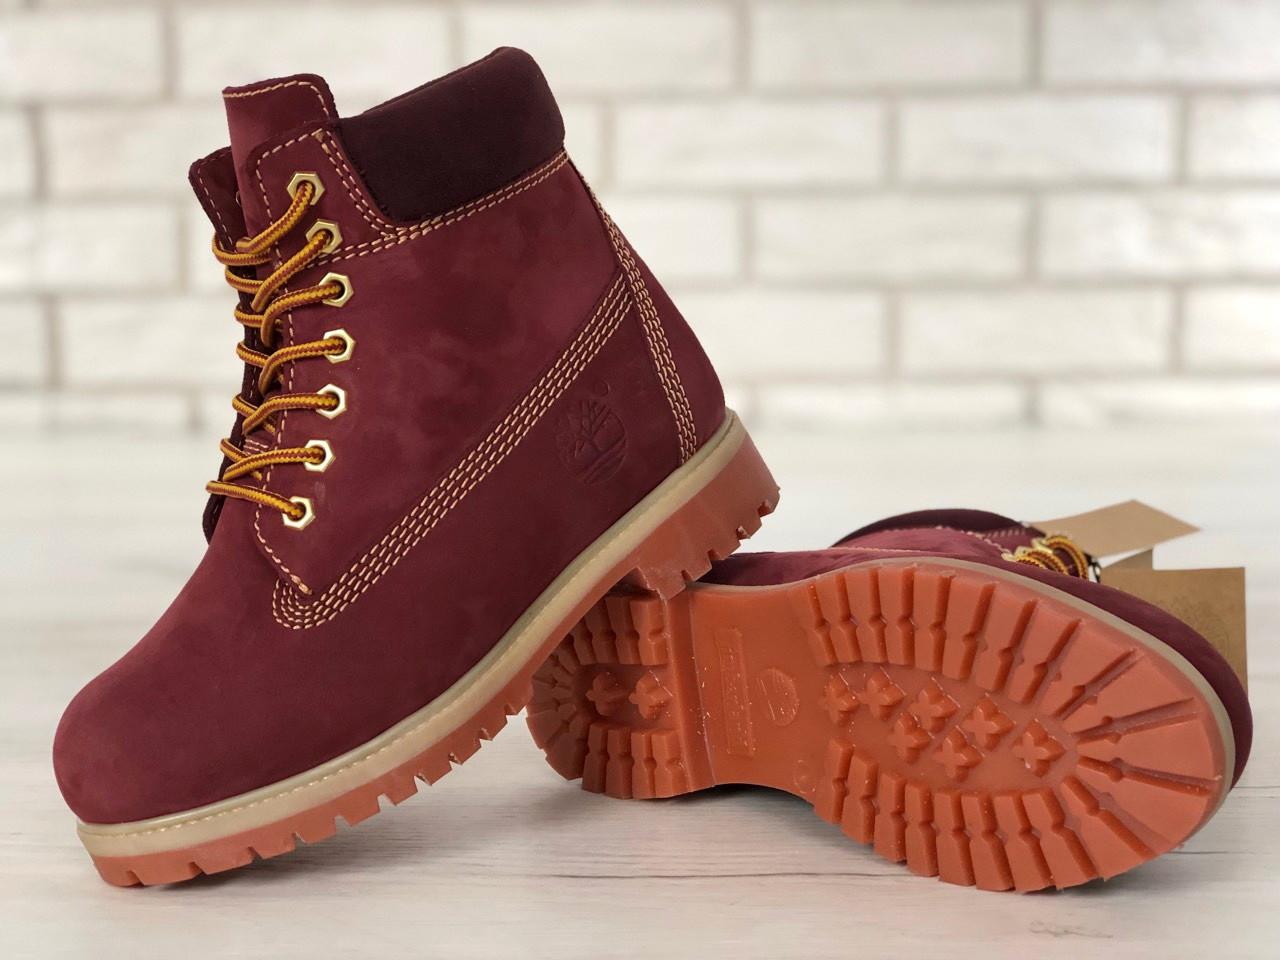 Женские зимние ботинки Timberland classic 6 inch bordo с мехом. Топ реплика  - Интернет магазин 962c954097d